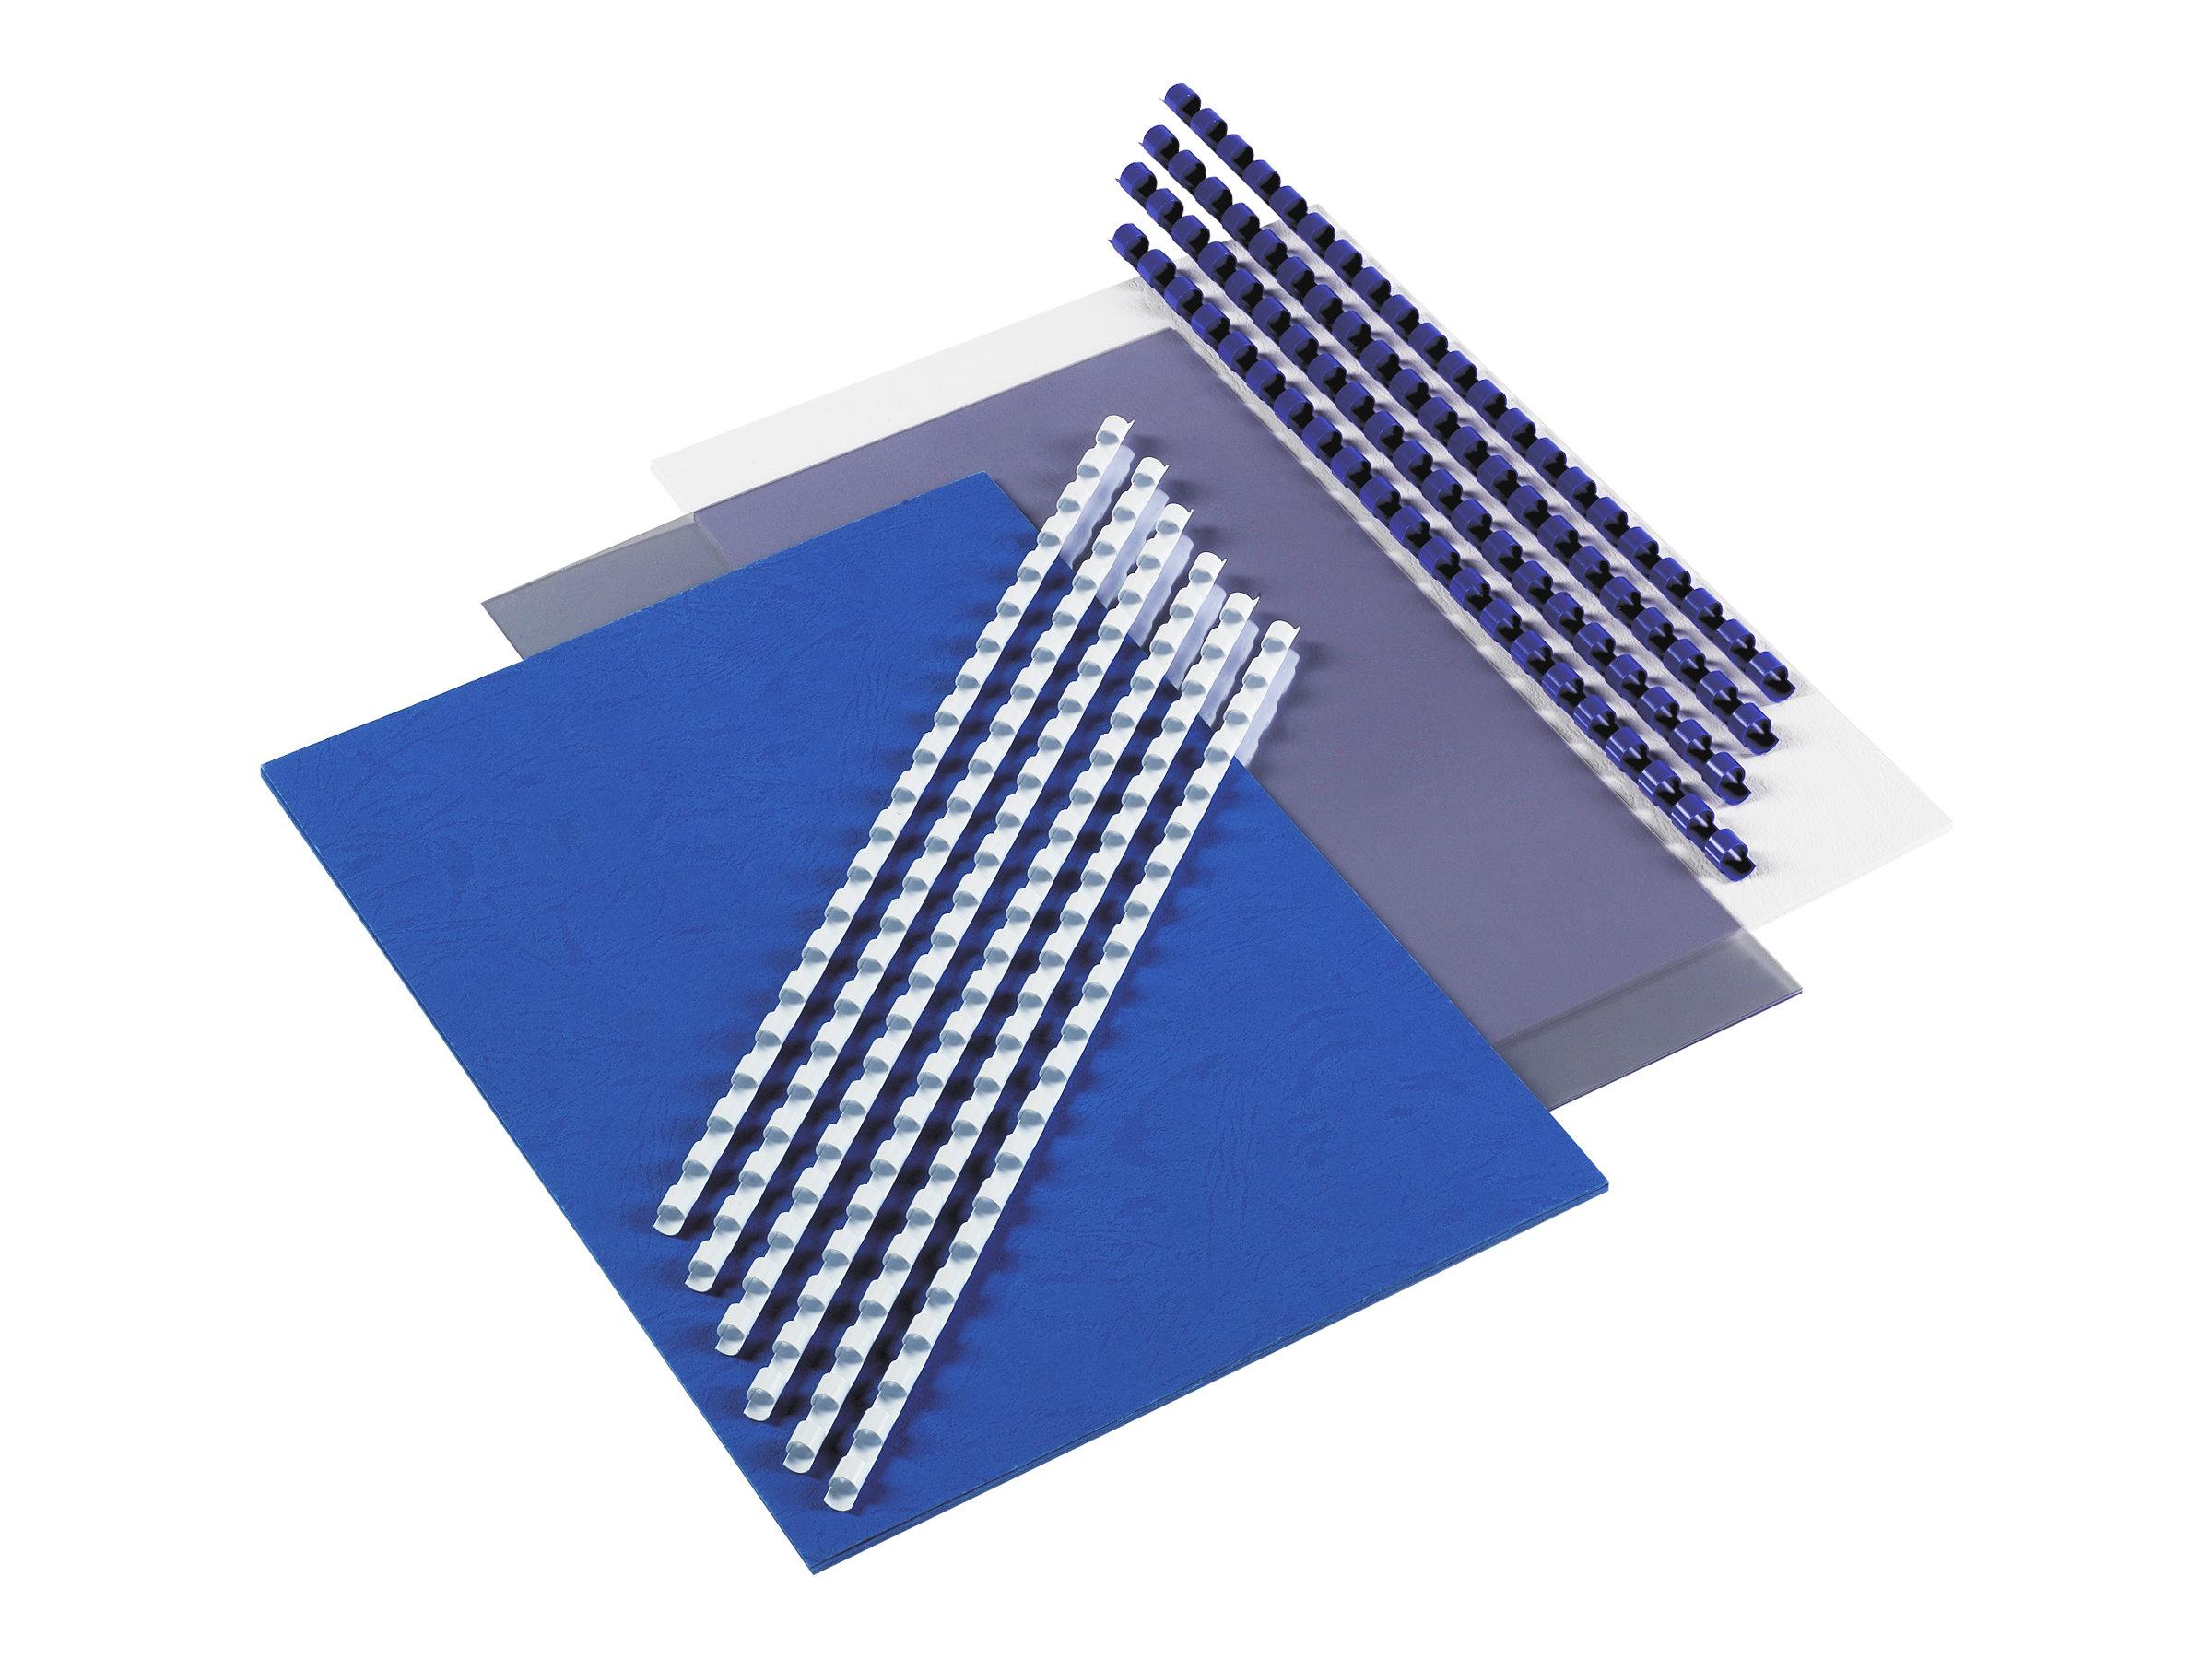 GBC CombBind Selection Pack - 25 unités - peigne de reliure en plastique